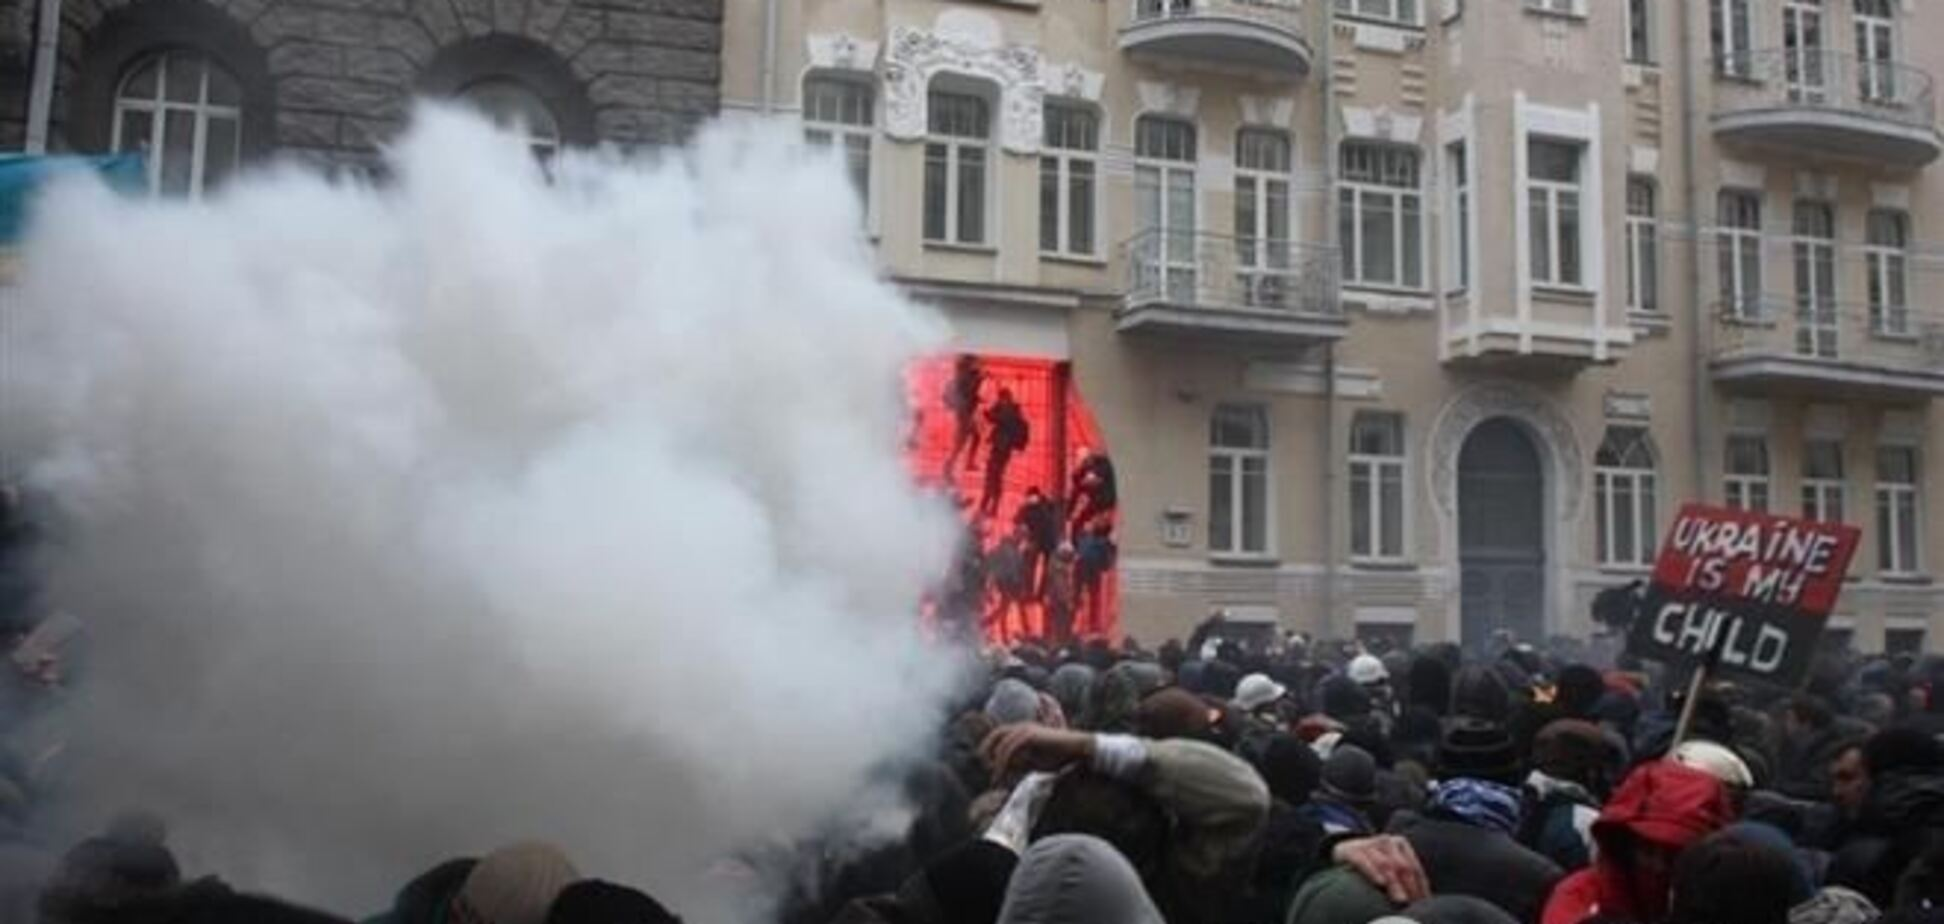 Российские СМИ перекручивают информацию о Евромайдане